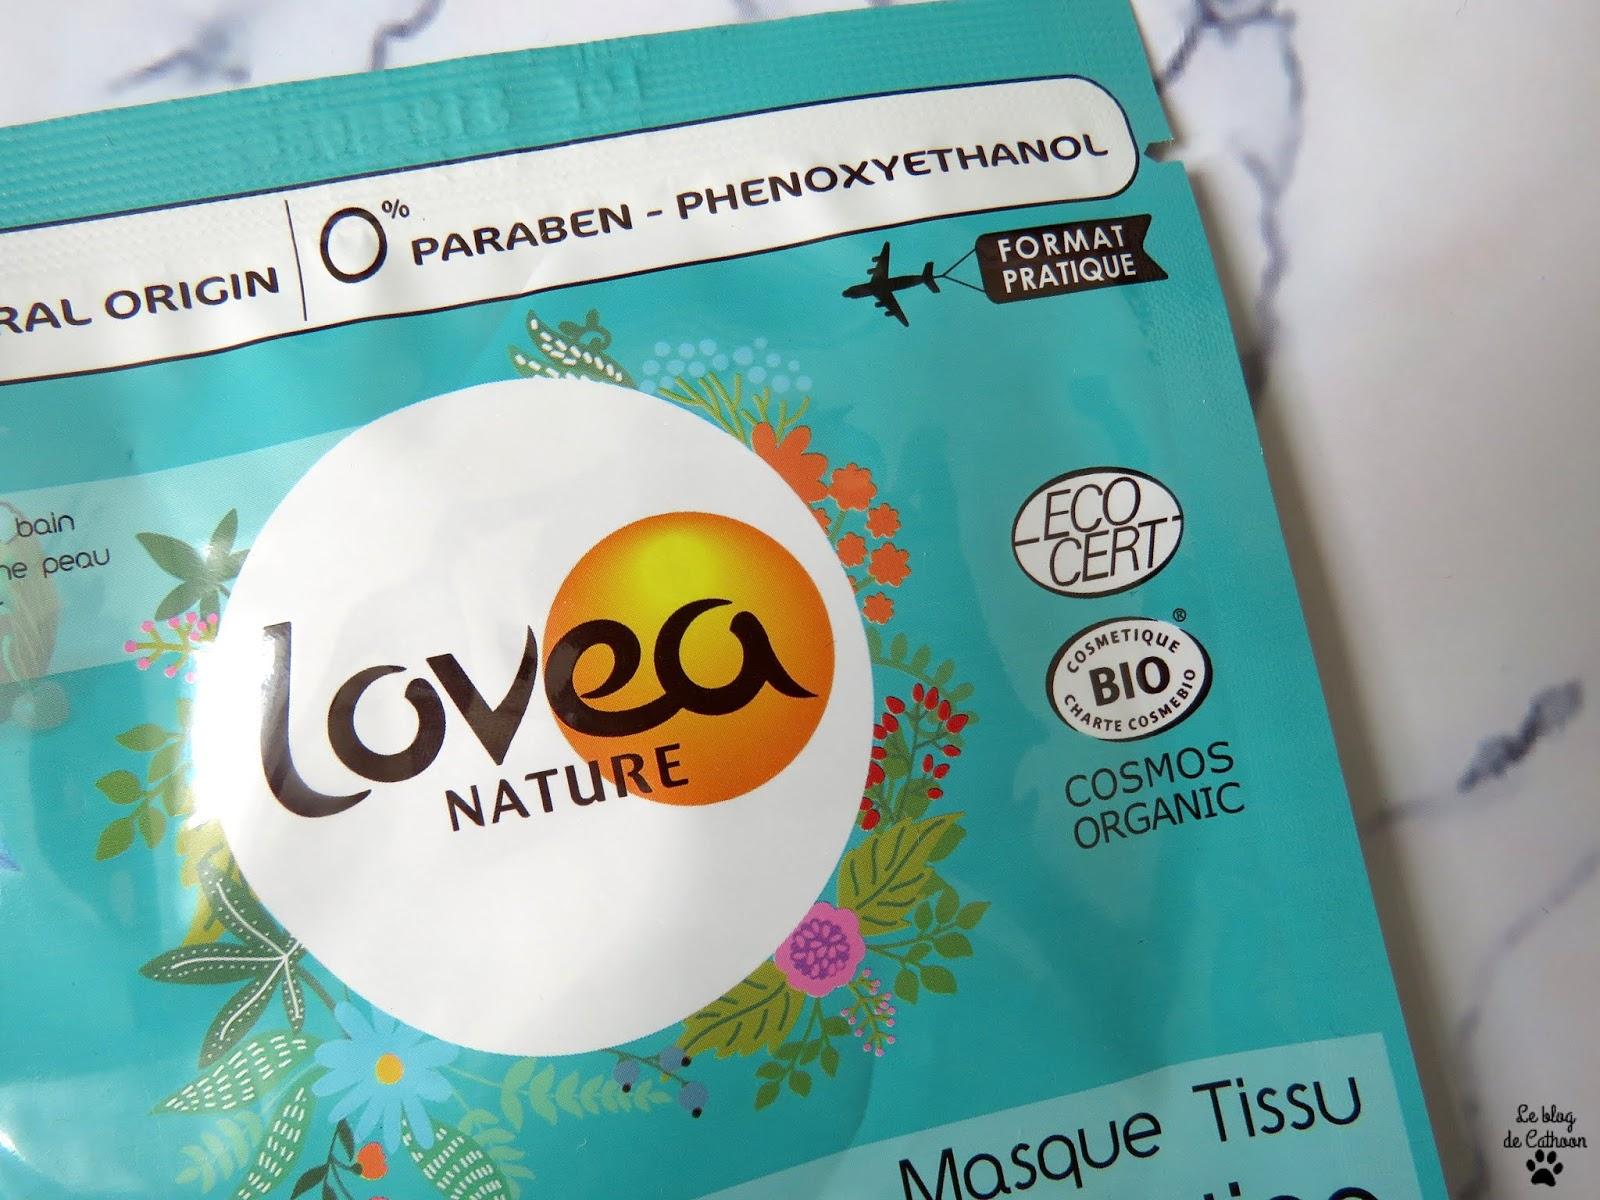 Ideal Hydratation - Eau de Coco - Masque Tissu - Lovea Nature